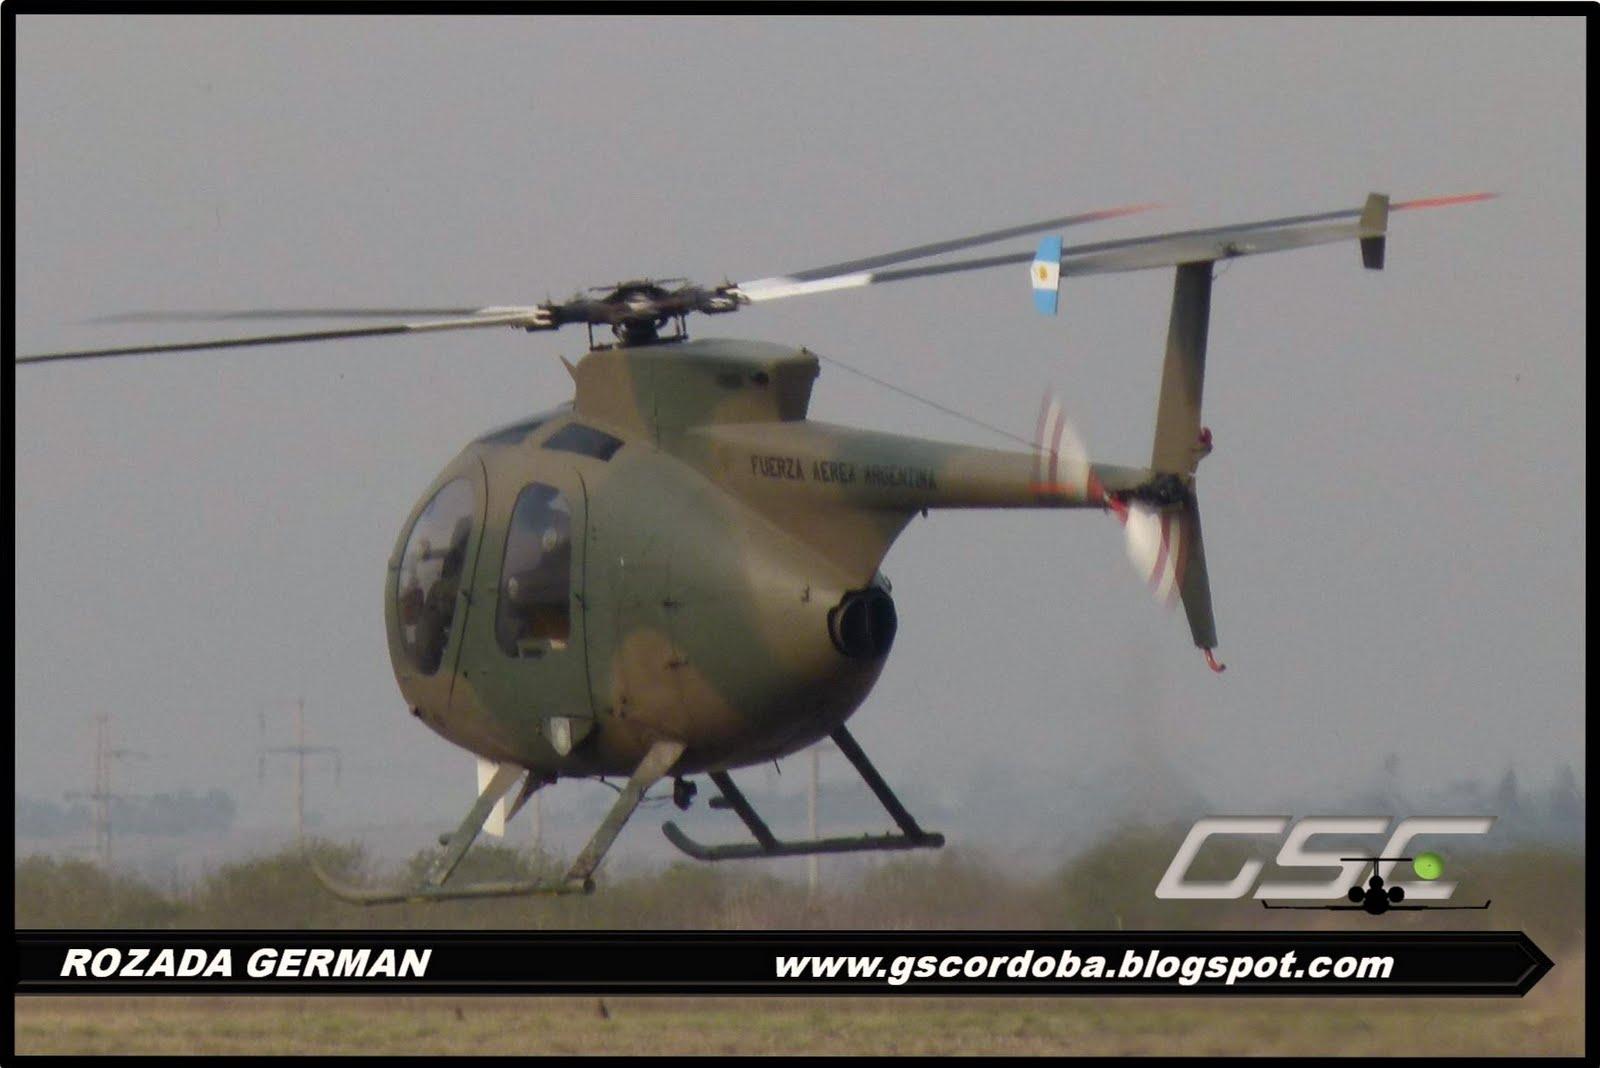 Armée argentine/Fuerzas Armadas de la Republica Argentina - Page 4 Imagen3